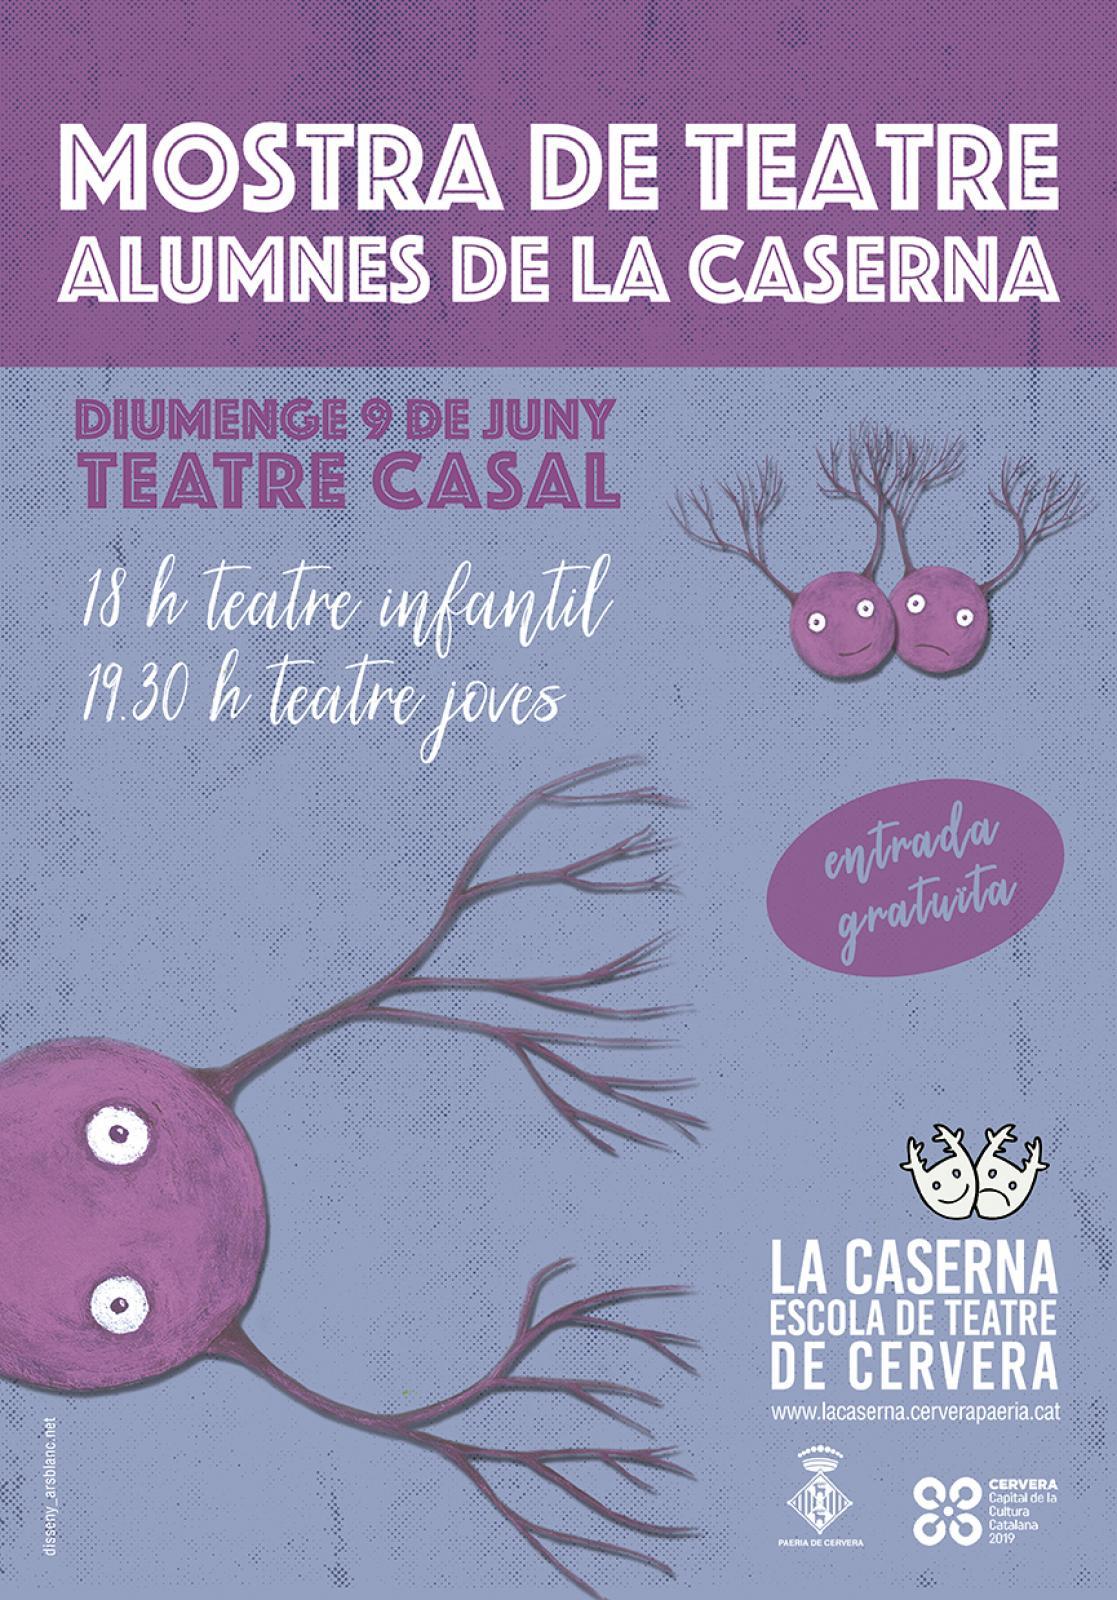 cartell MOSTRA DE TEATRE dels alumnes de LA CASERNA